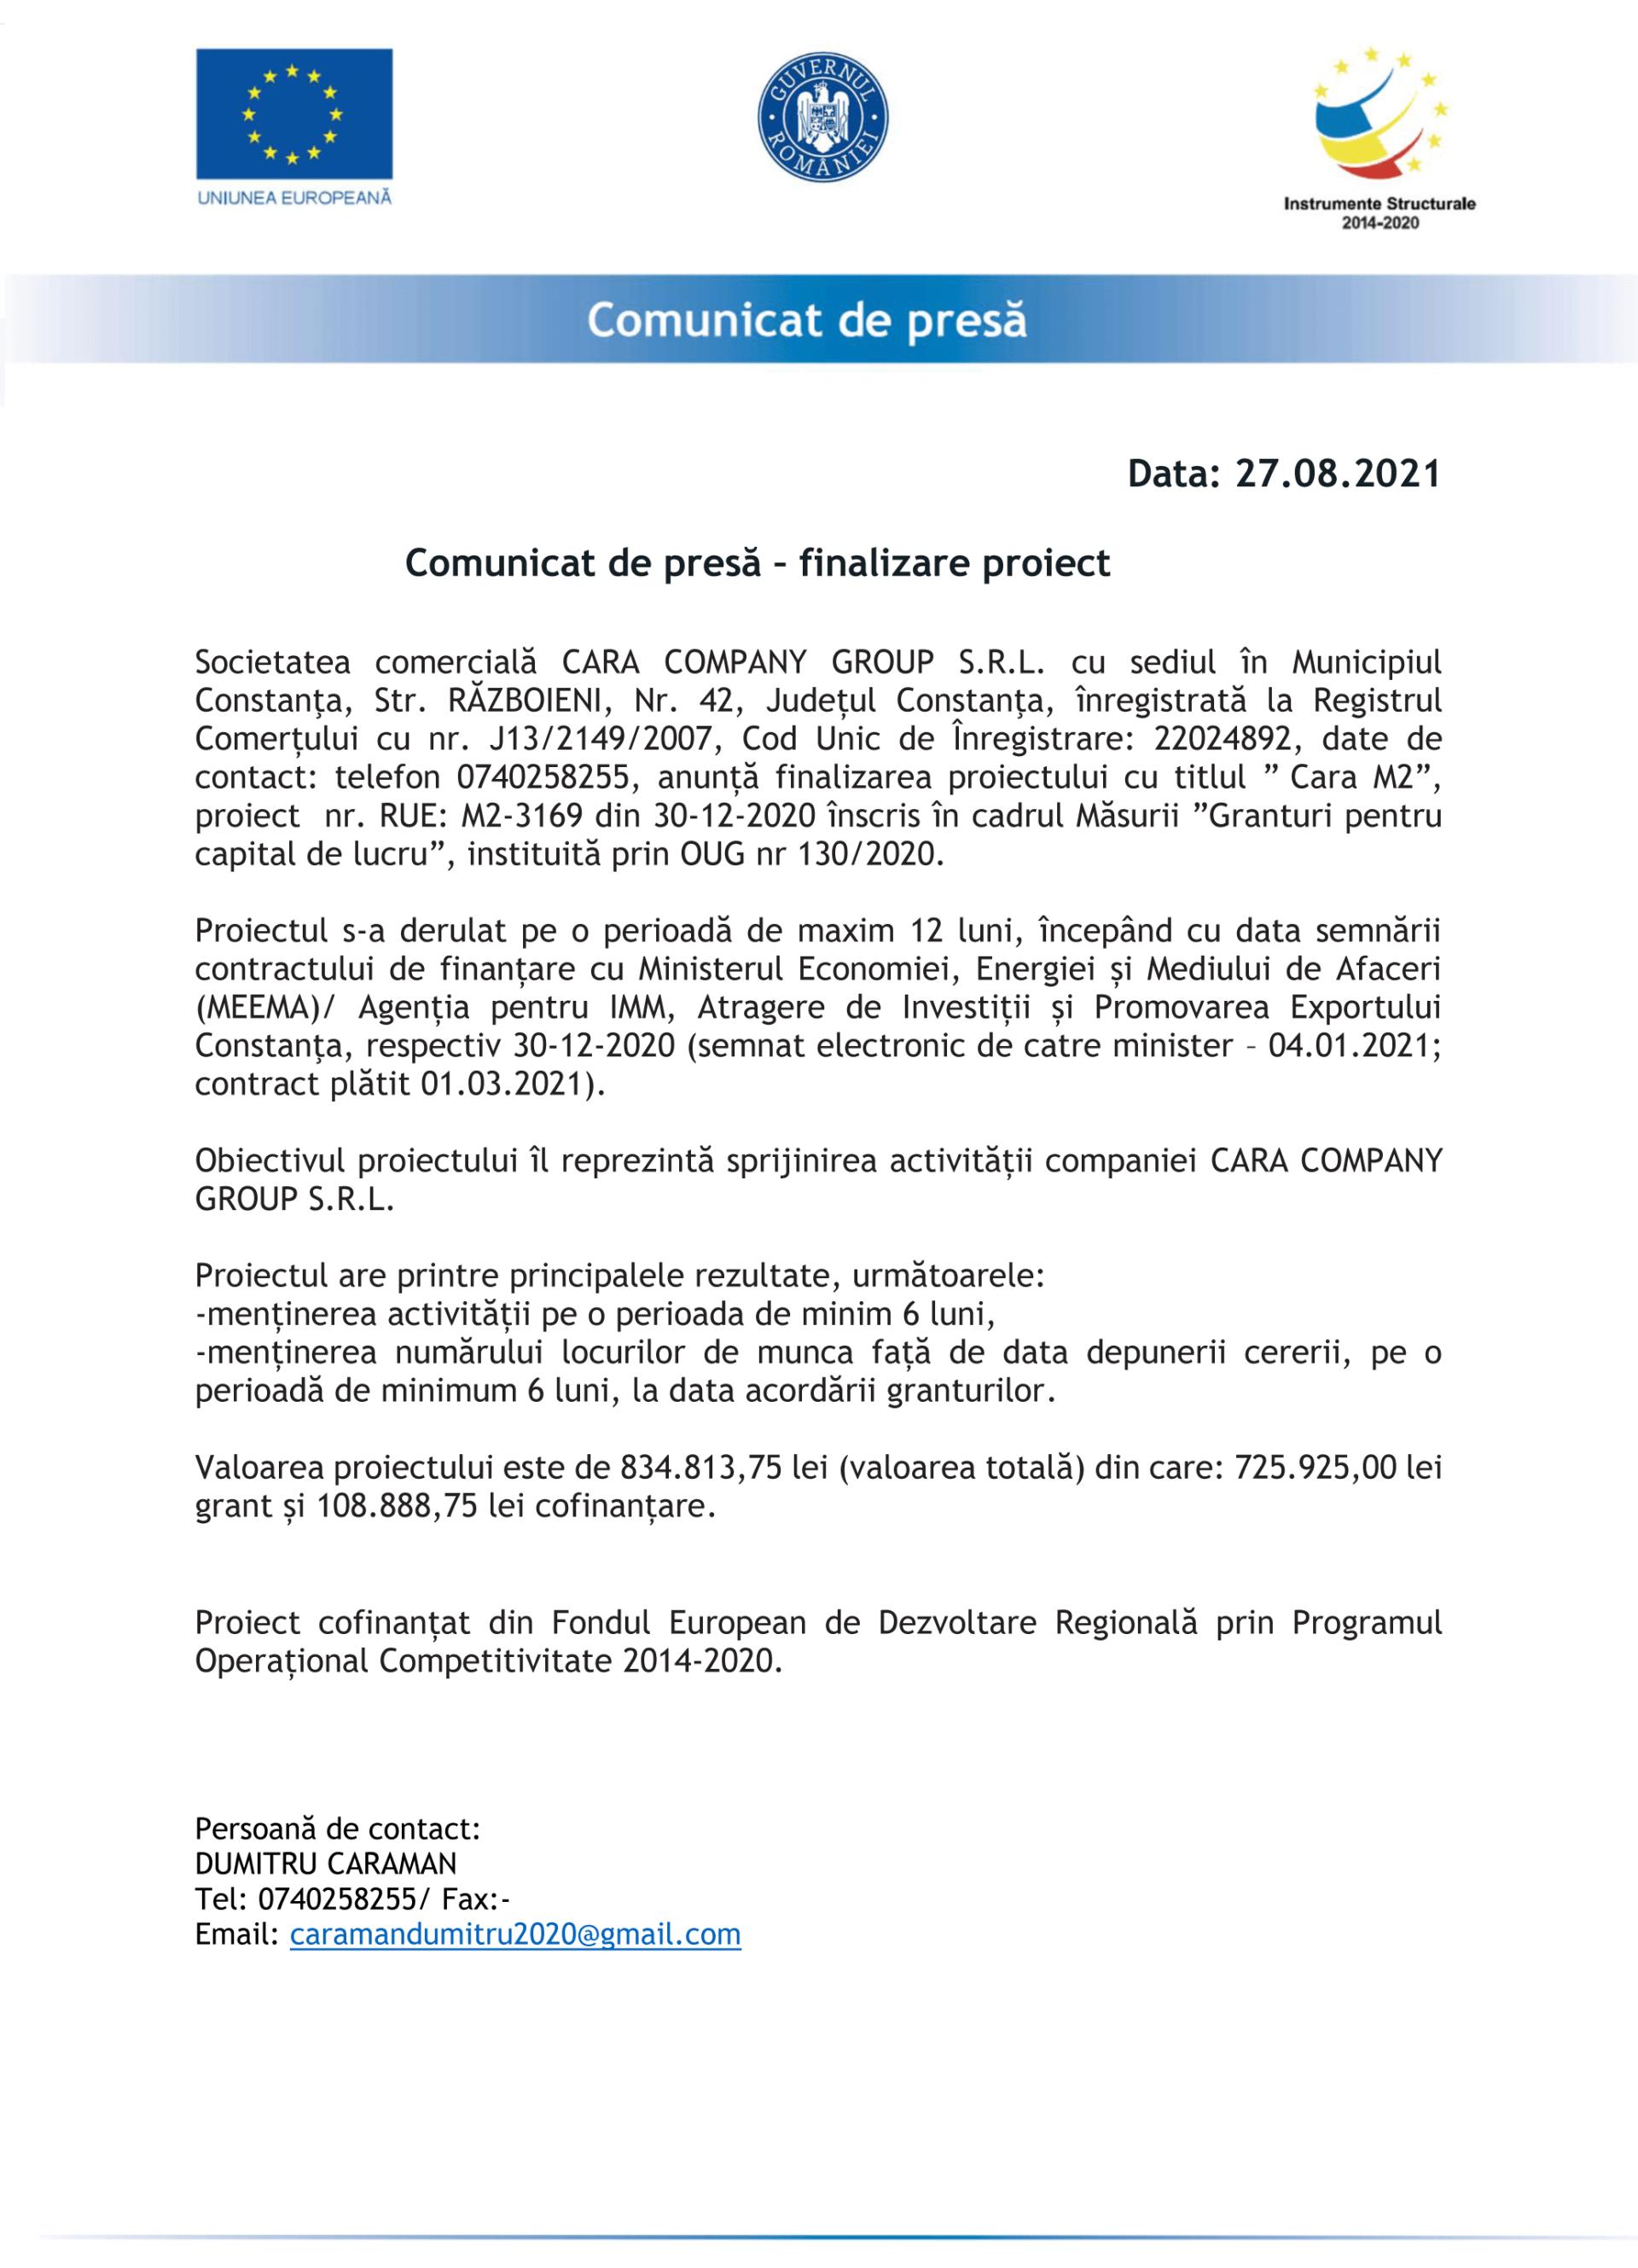 Comunicat_de_Presa_CARA-COMPANY-GROUP-SRL